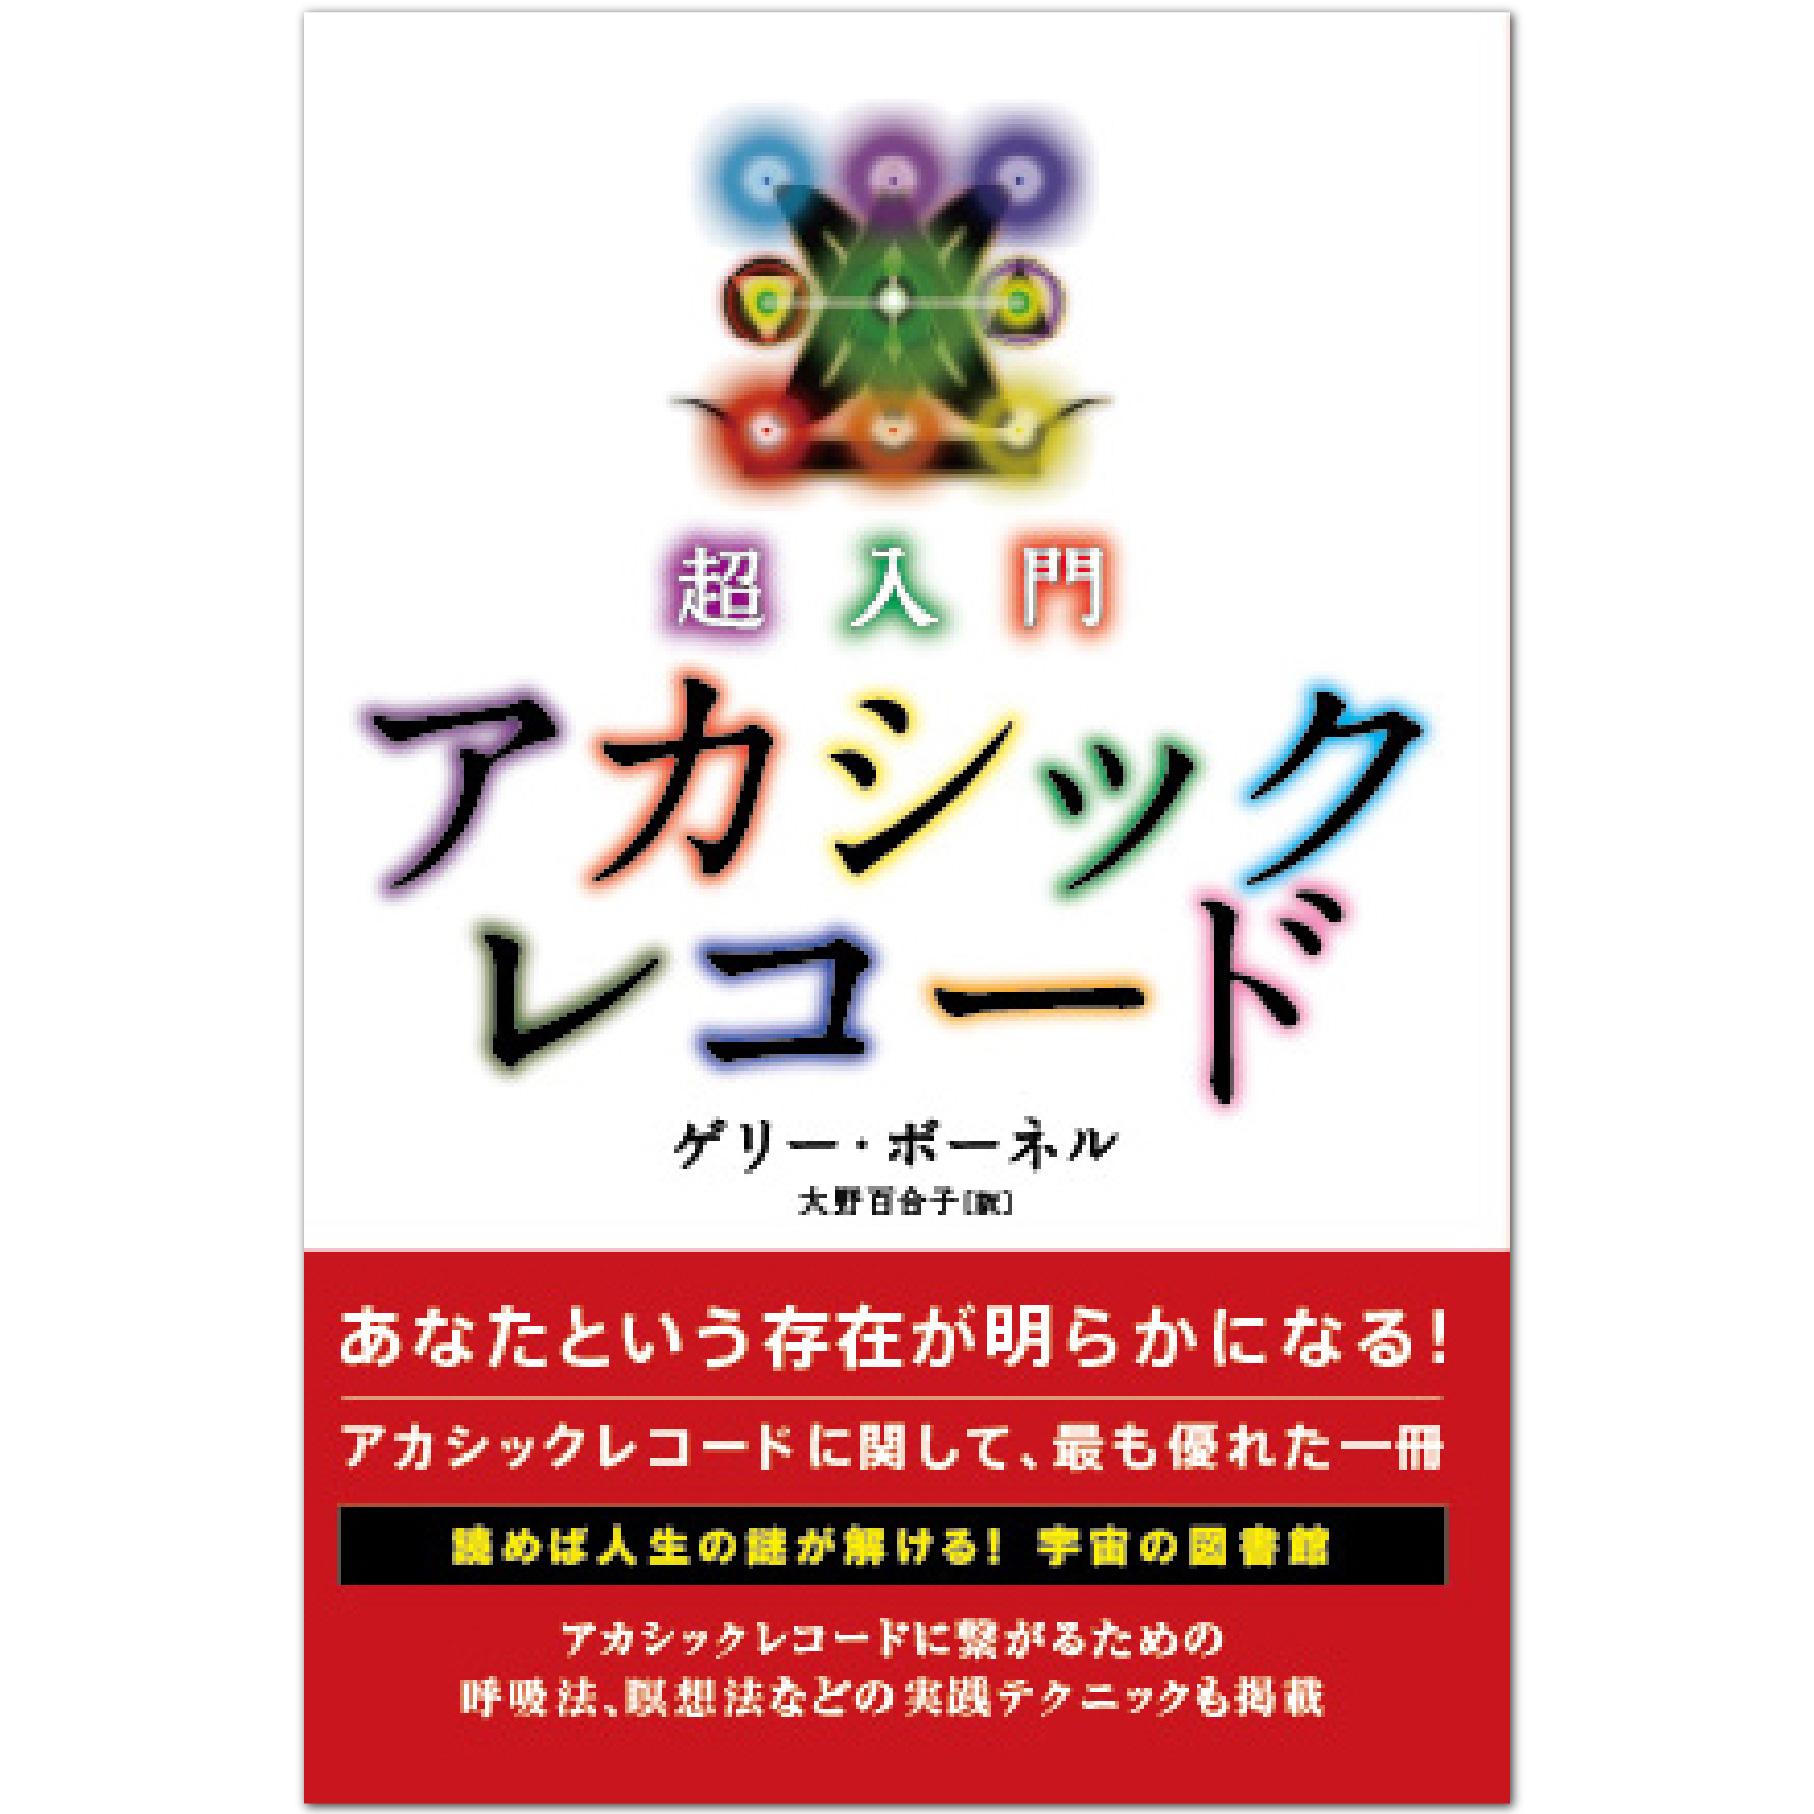 超入門アカシックレコード<br> ワンコイン500円で発売中!